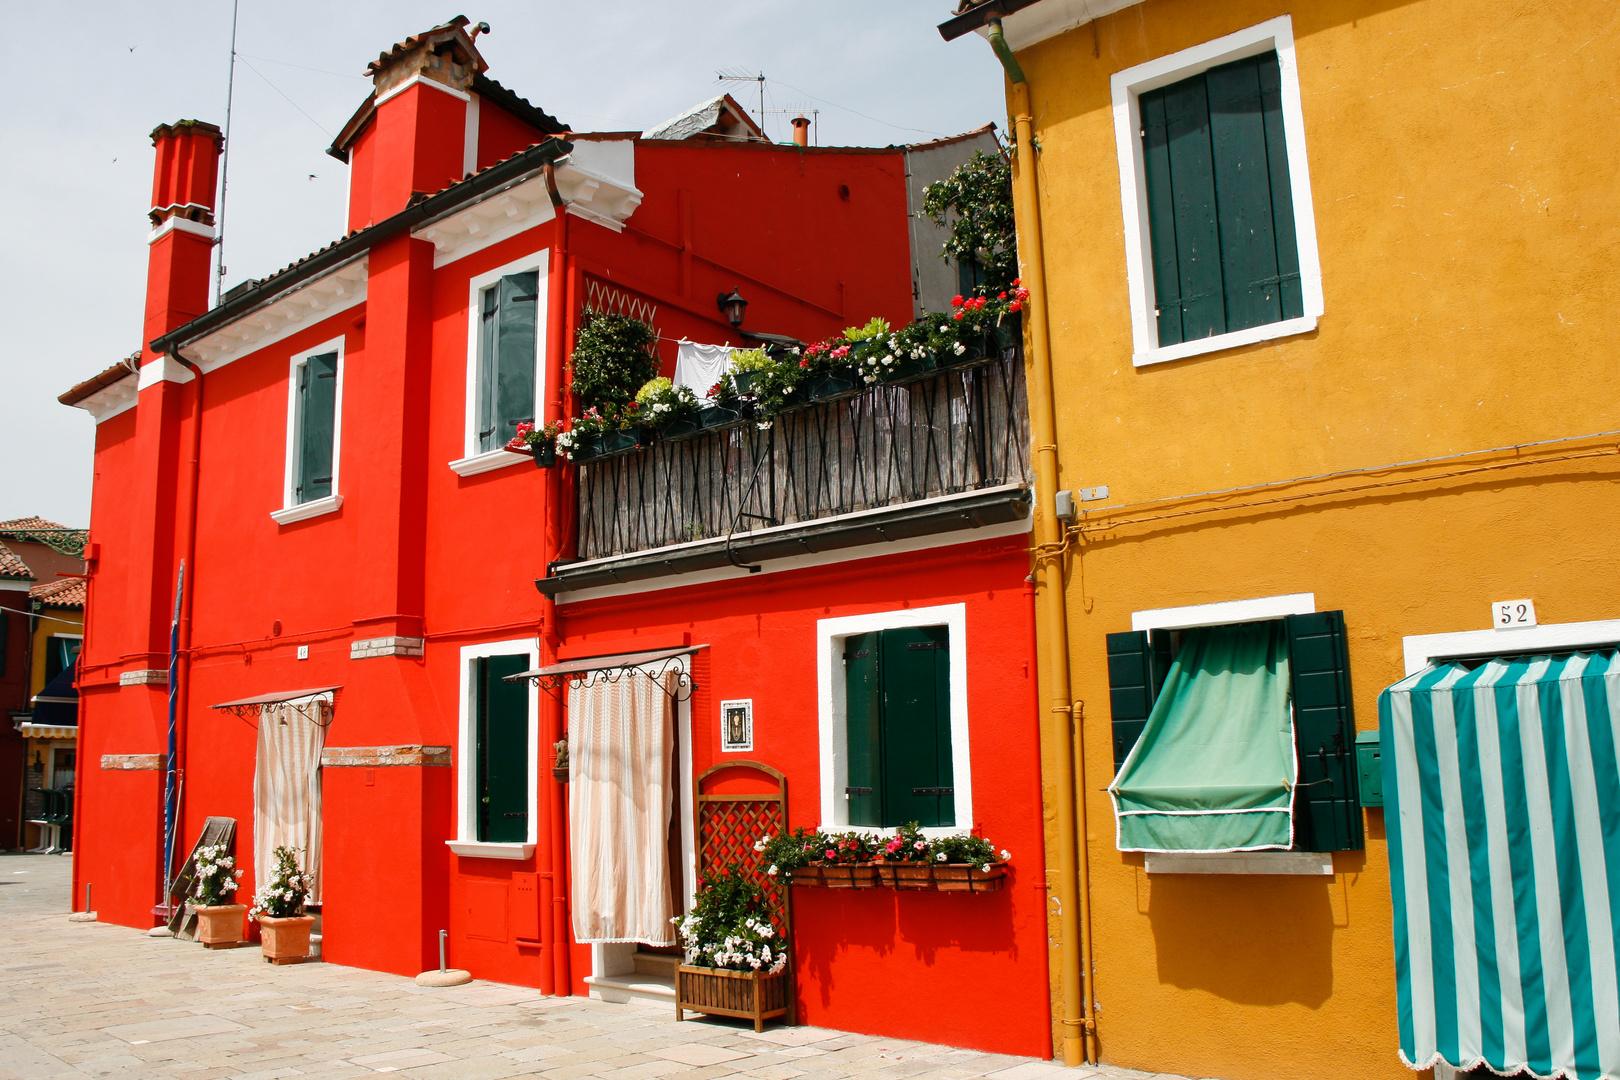 Farbige Hausfassaden auf Burano